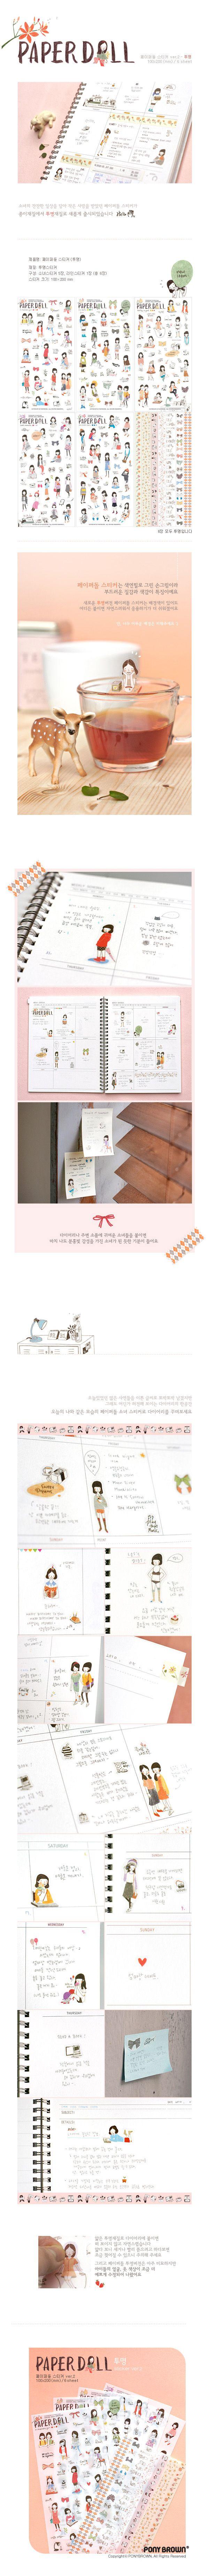 6 Stks/set Papieren Pop Koreaanse Stijl Leuke Kawaii Zoete Meisje Planner Stickers Voor Notebook Papier Mobiele Telefoon Deoration in [xlmodel]-[custom]-[25671]beschrijvingstaatGloednieuwe + Hoge Kwaliteit!materiaalPvcgewichtover: 30gkleurals pictu van memoblokken op AliExpress.com | Alibaba Groep